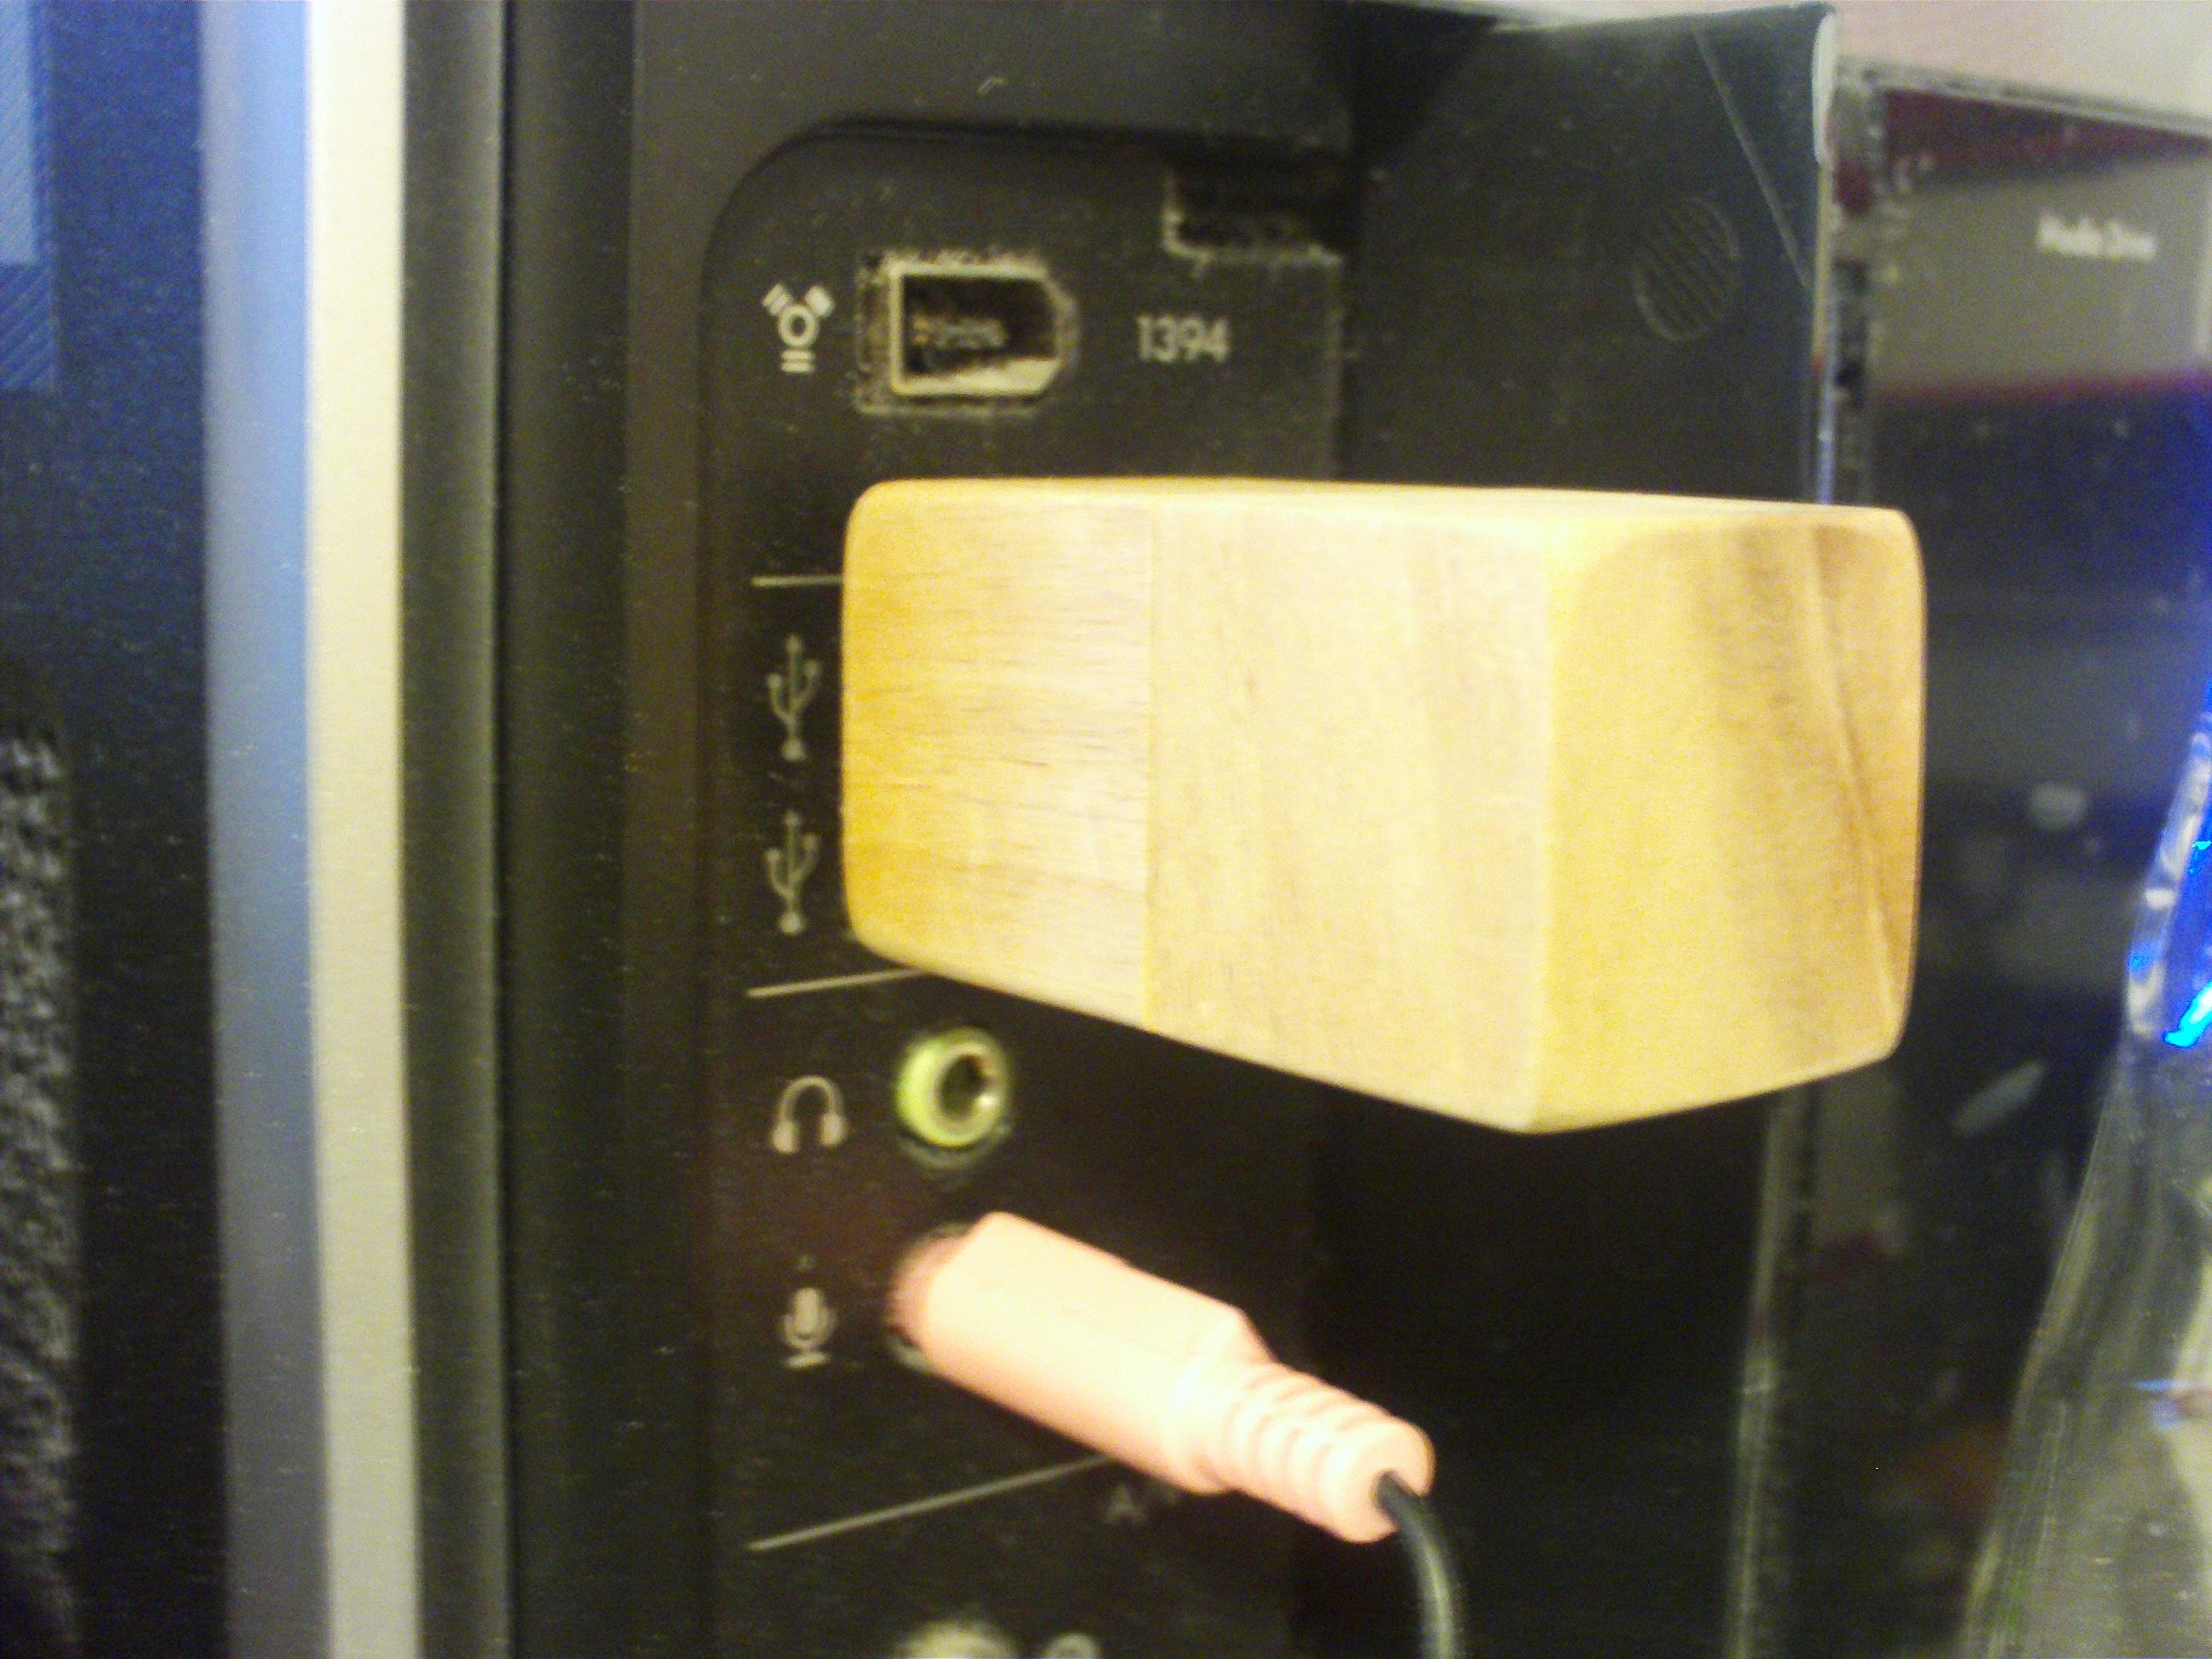 Wood Block USB Drive